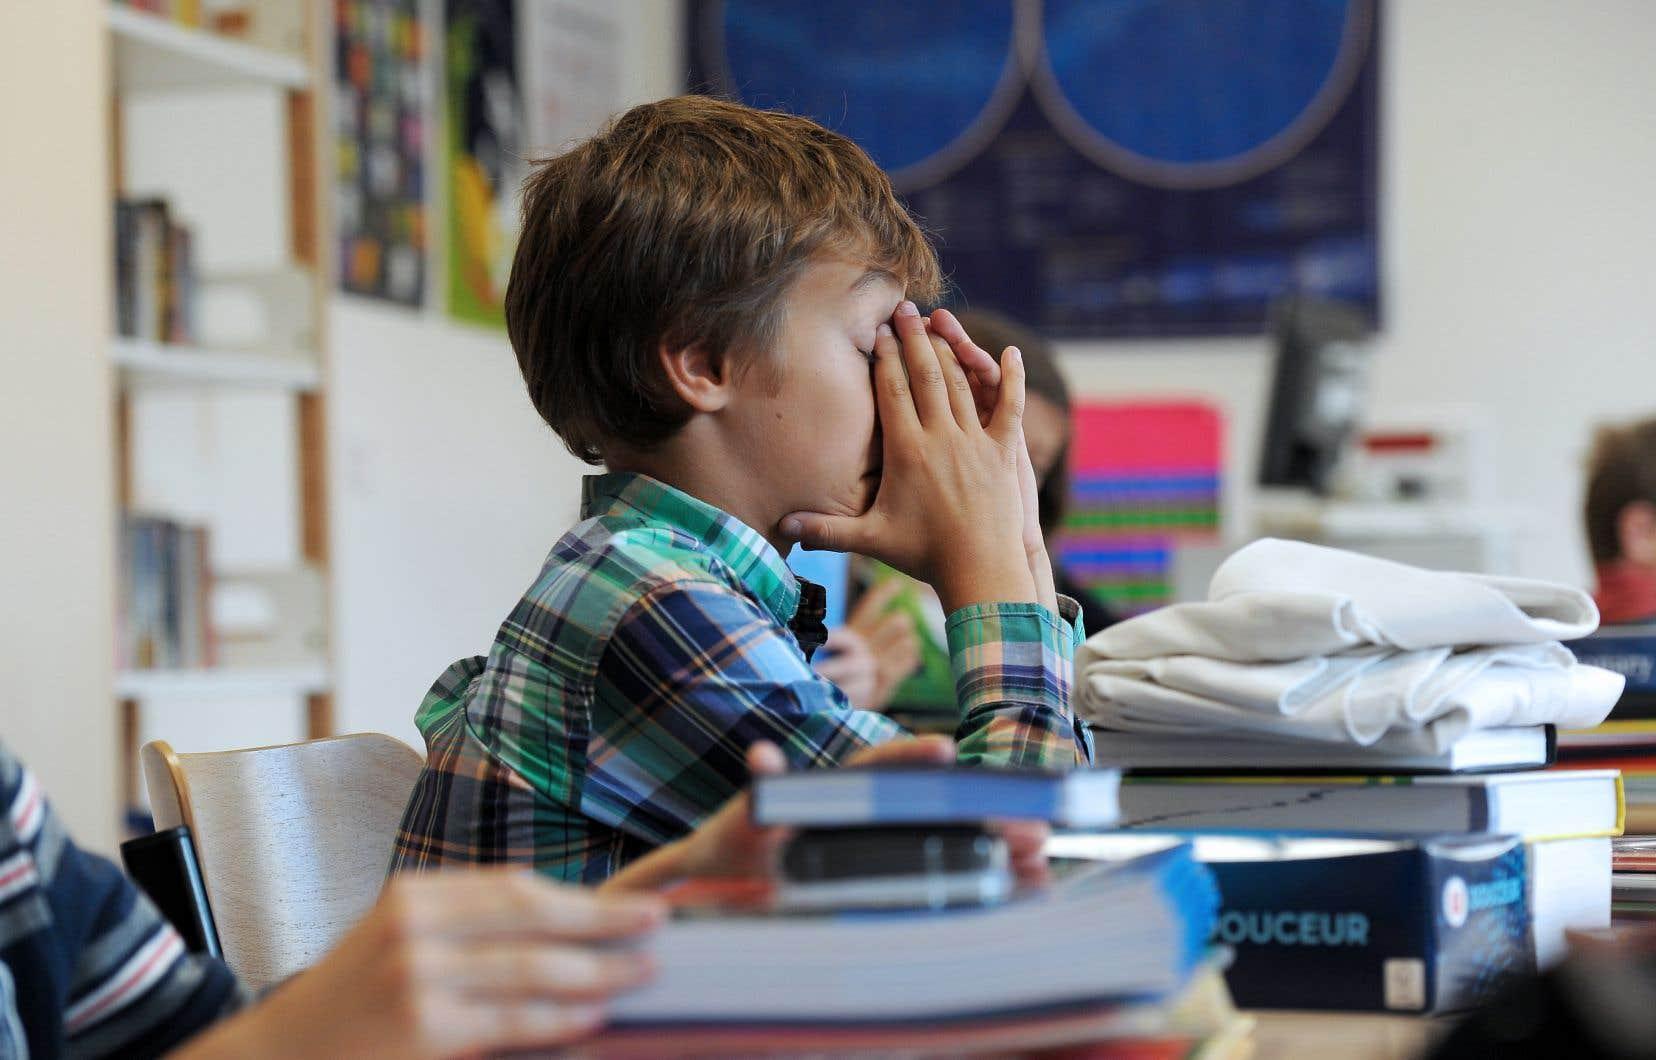 L'Association des médecins psychiatres du Québec note avec inquiétude que le taux de détresse psychologique élevée chez les jeunes atteint les 37% et est en hausse constante.